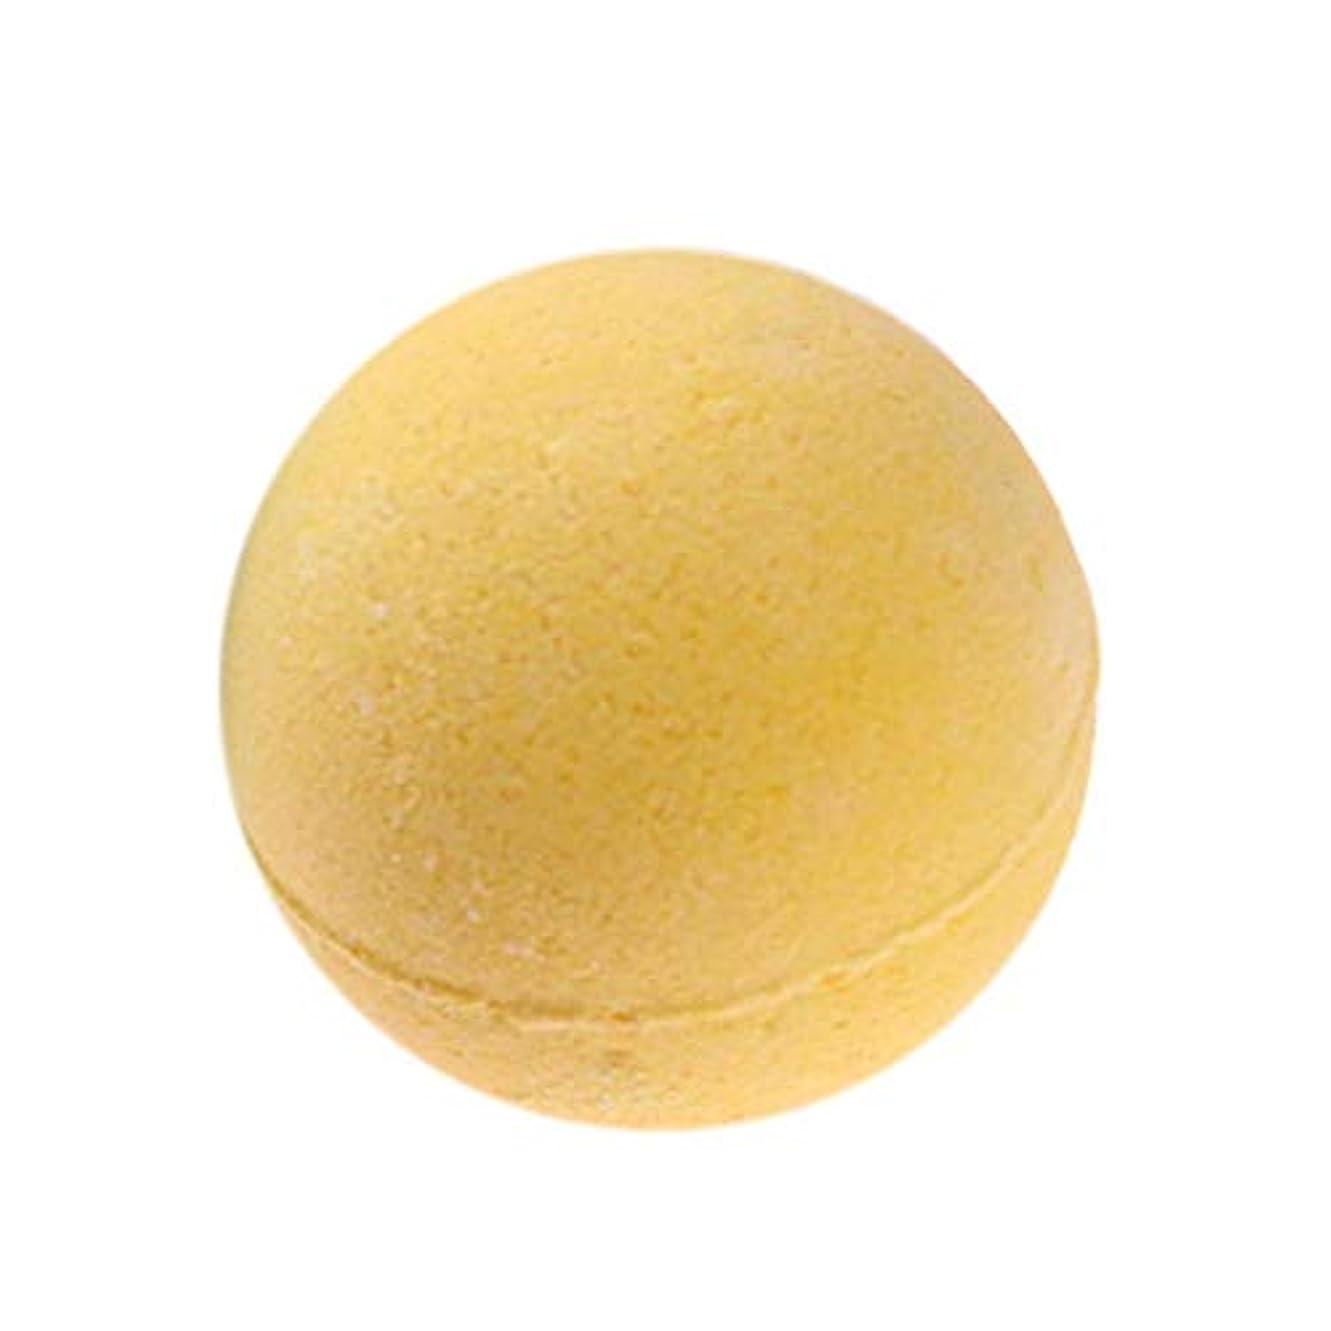 著作権インタネットを見る卒業バスボール ボディスキンホワイトニング バスソルト リラックス ストレスリリーフ バブルシャワー 爆弾ボール 1pc Lushandy